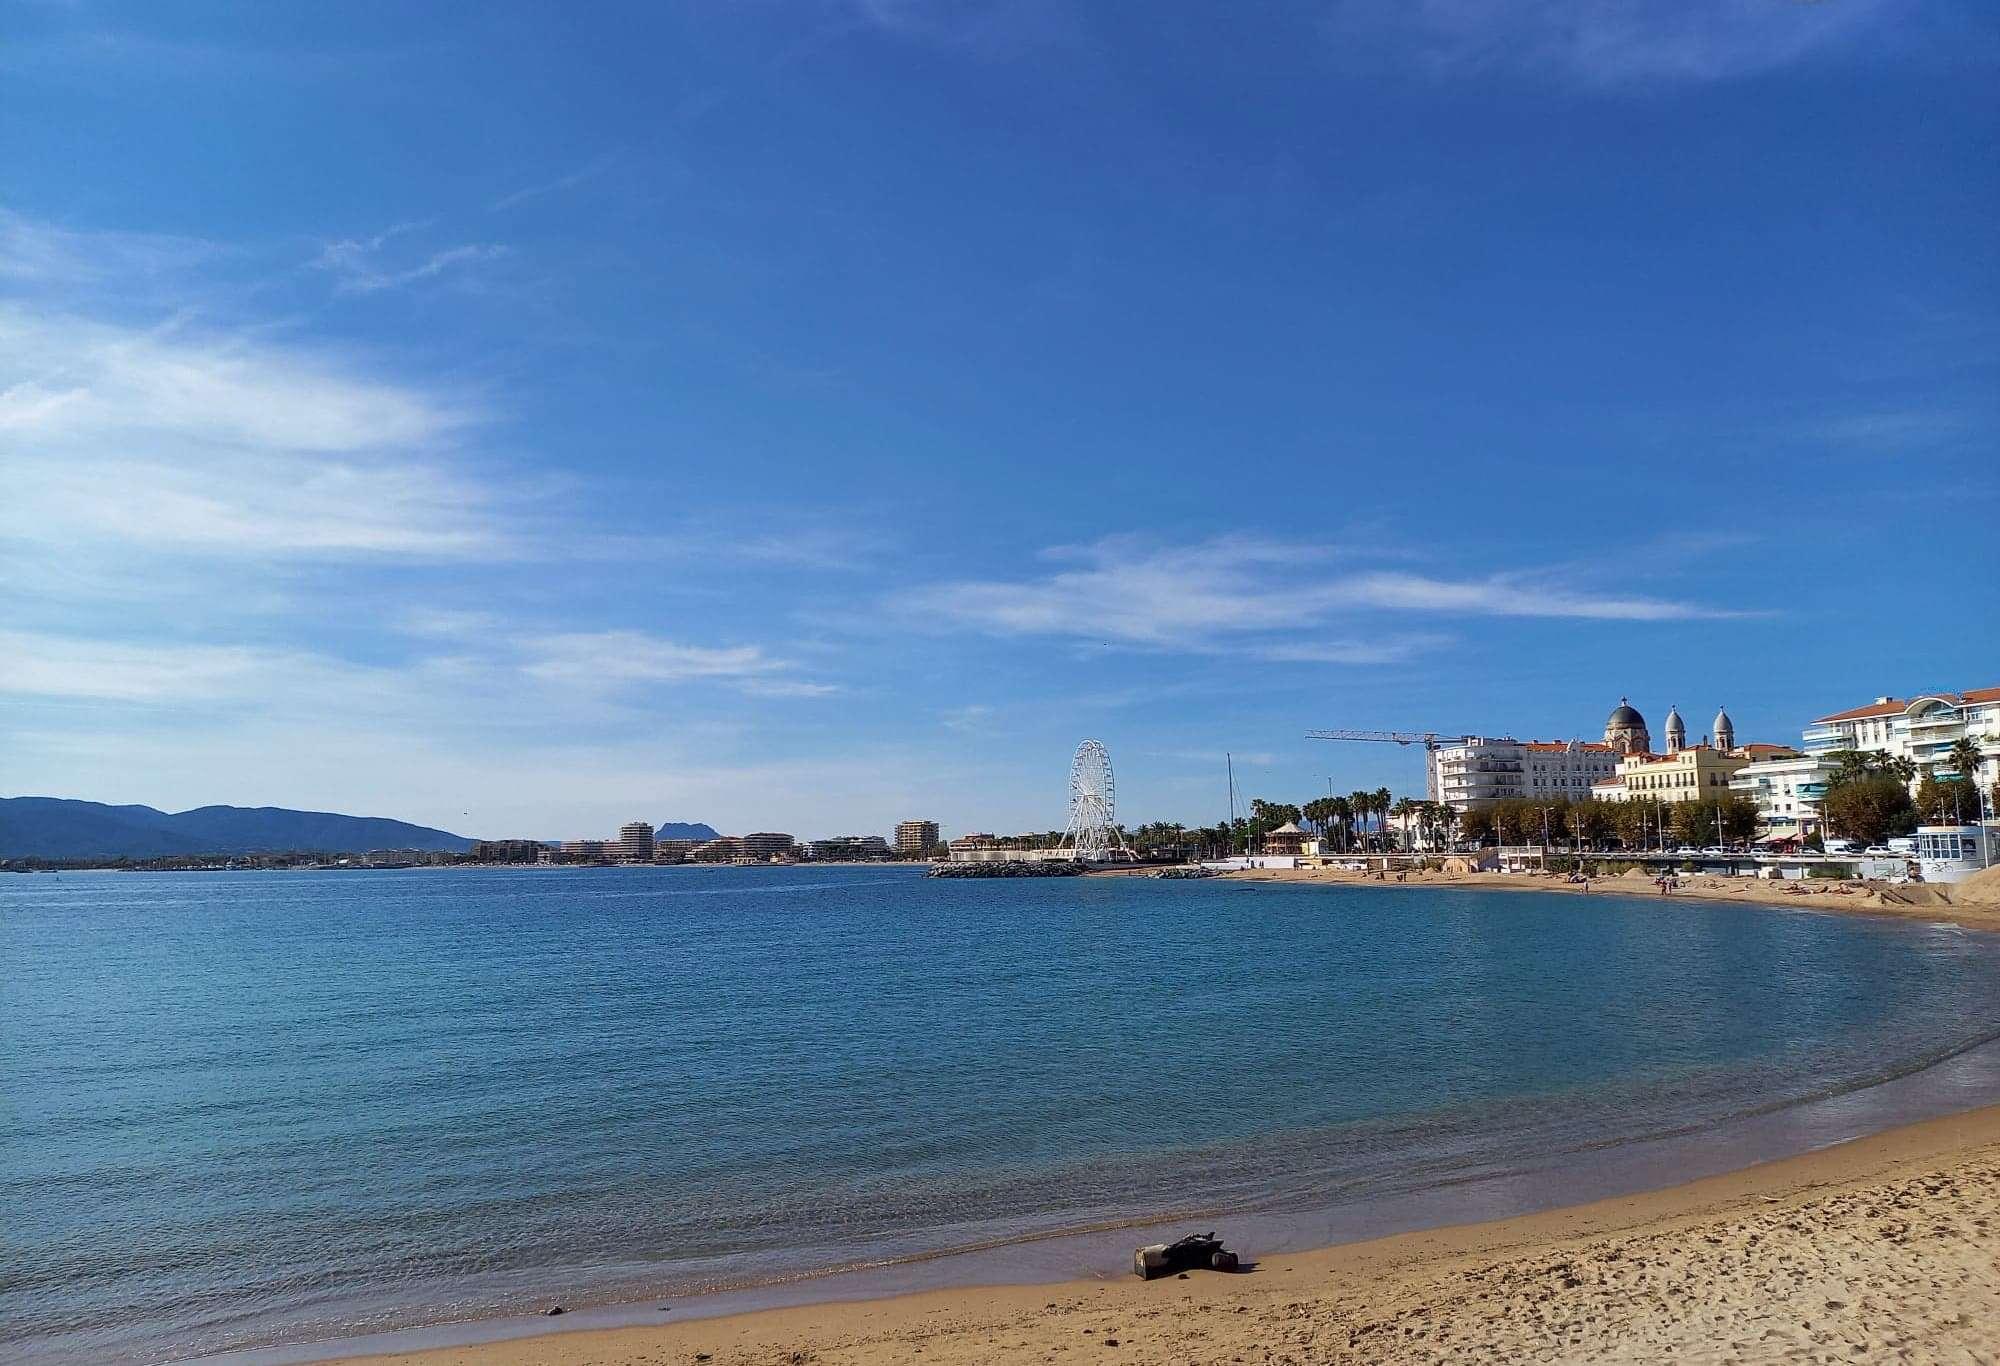 Plage de sable Saint Raphaël